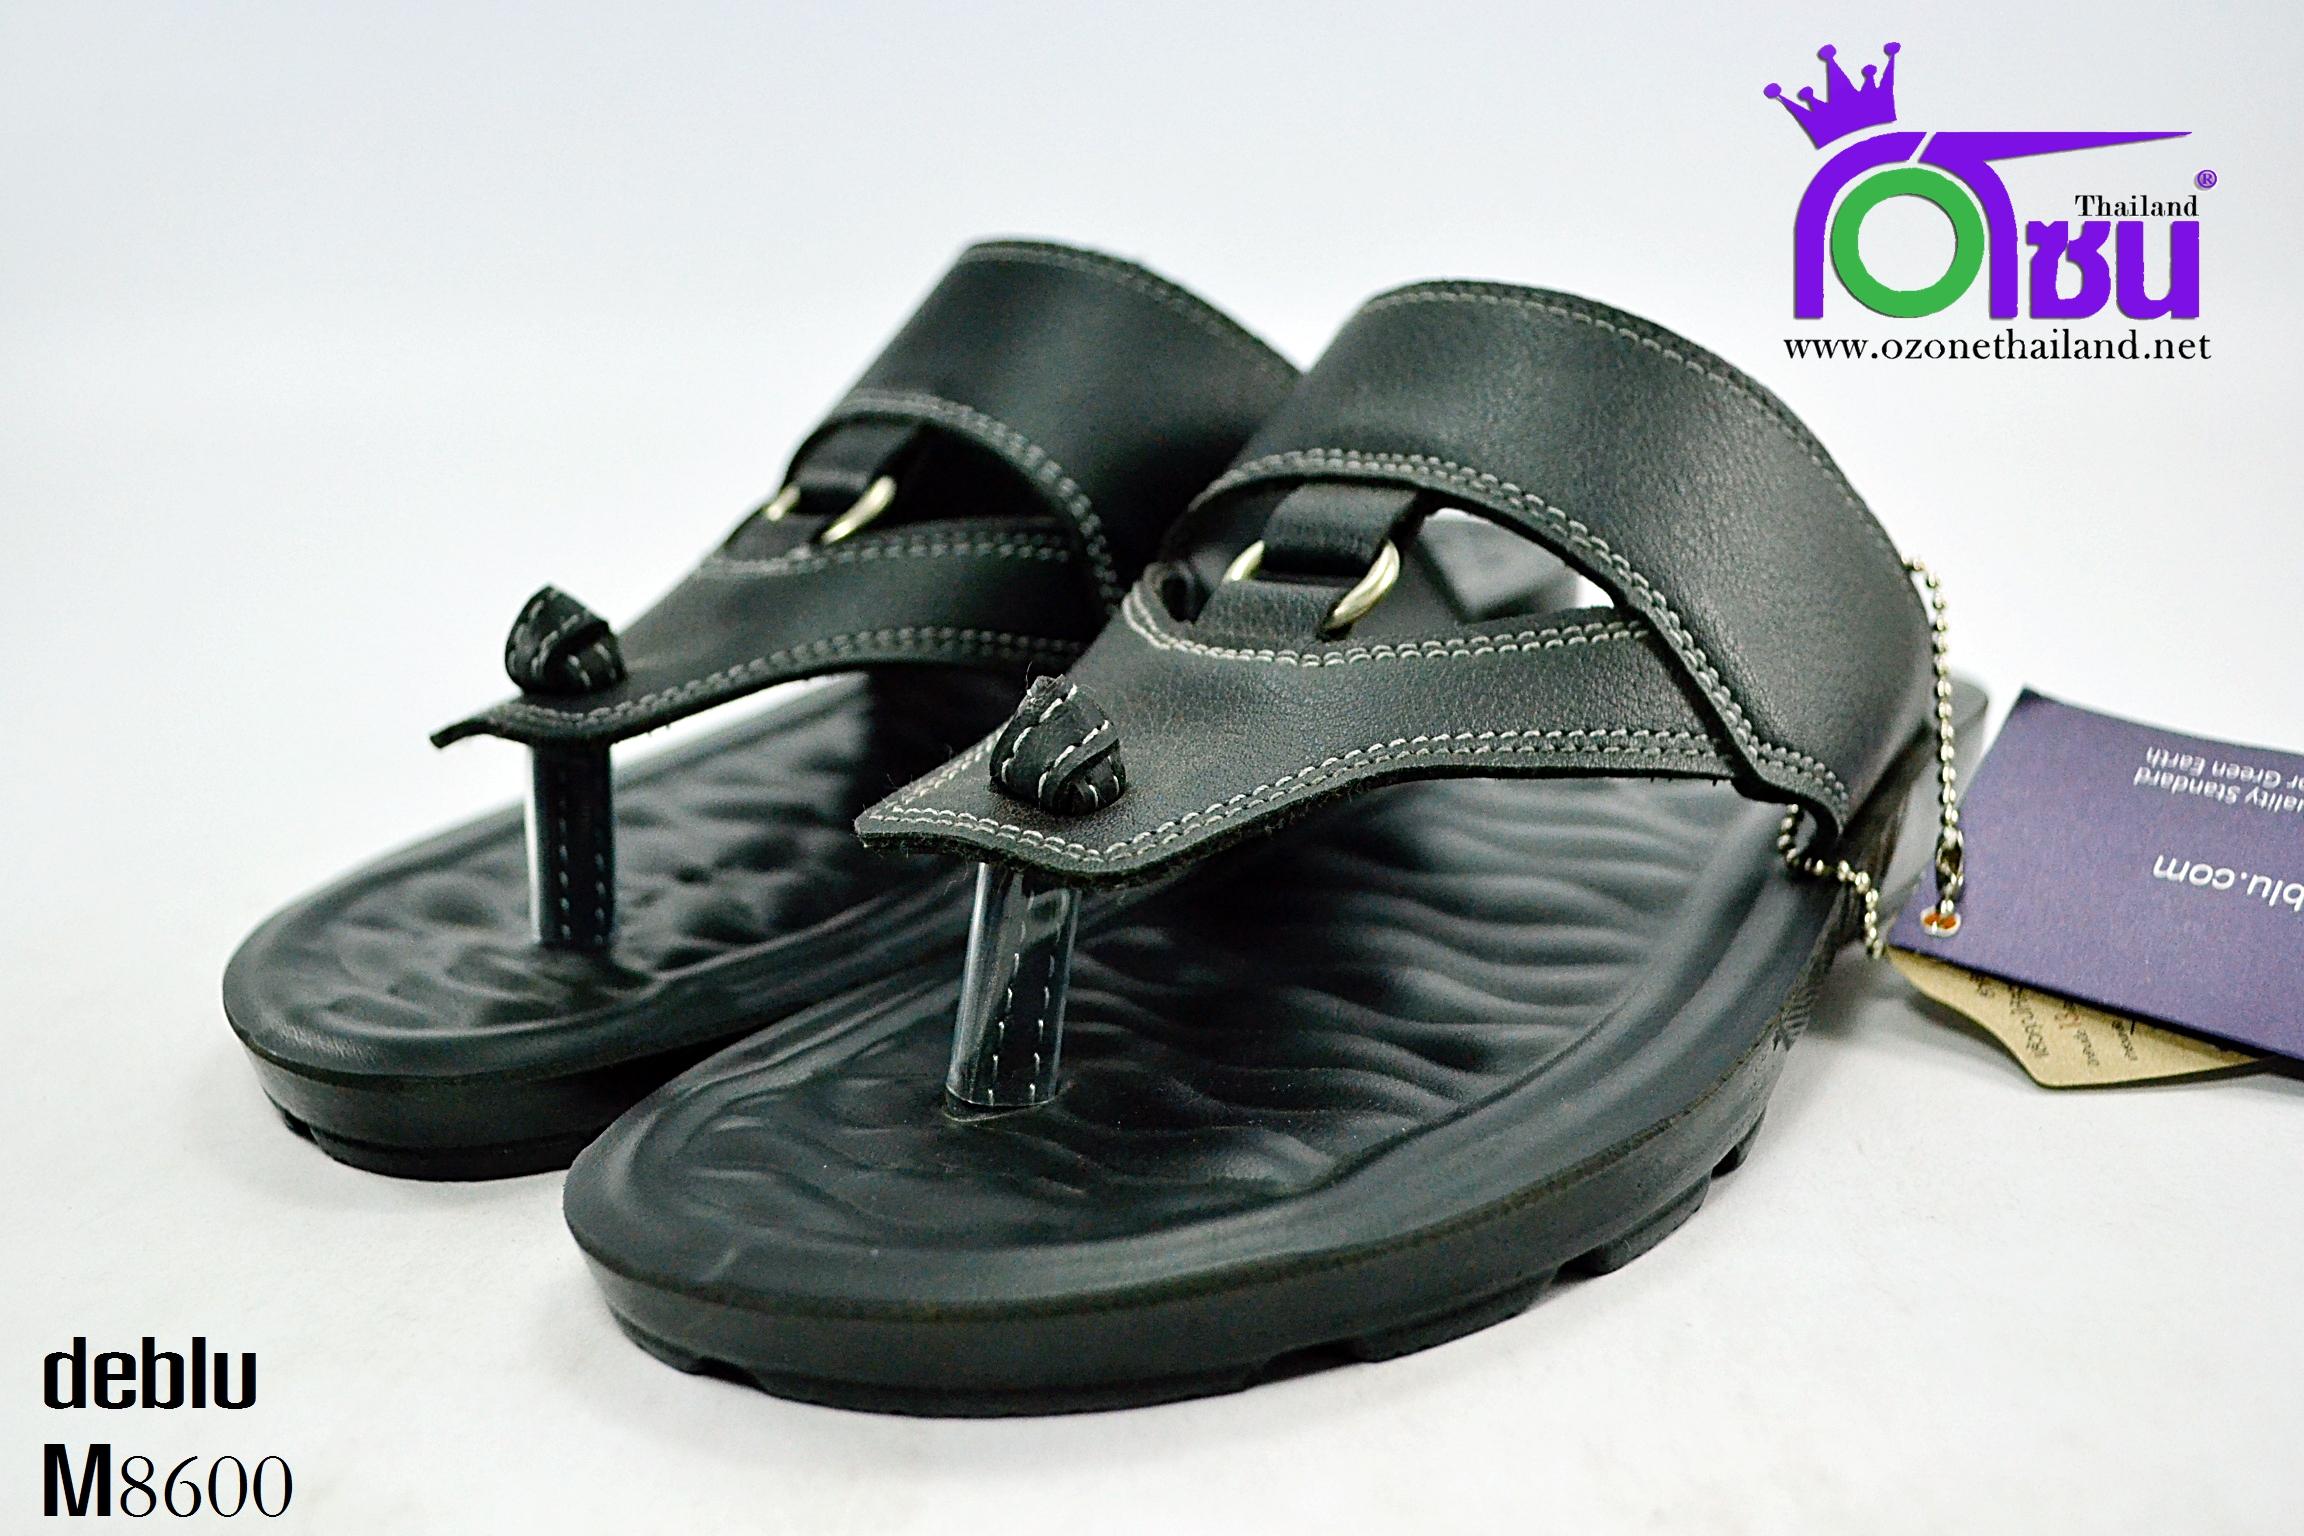 รองเท้า เดอบลู deblu รุ่น M8600 สีดำ เบอร์ 39-44